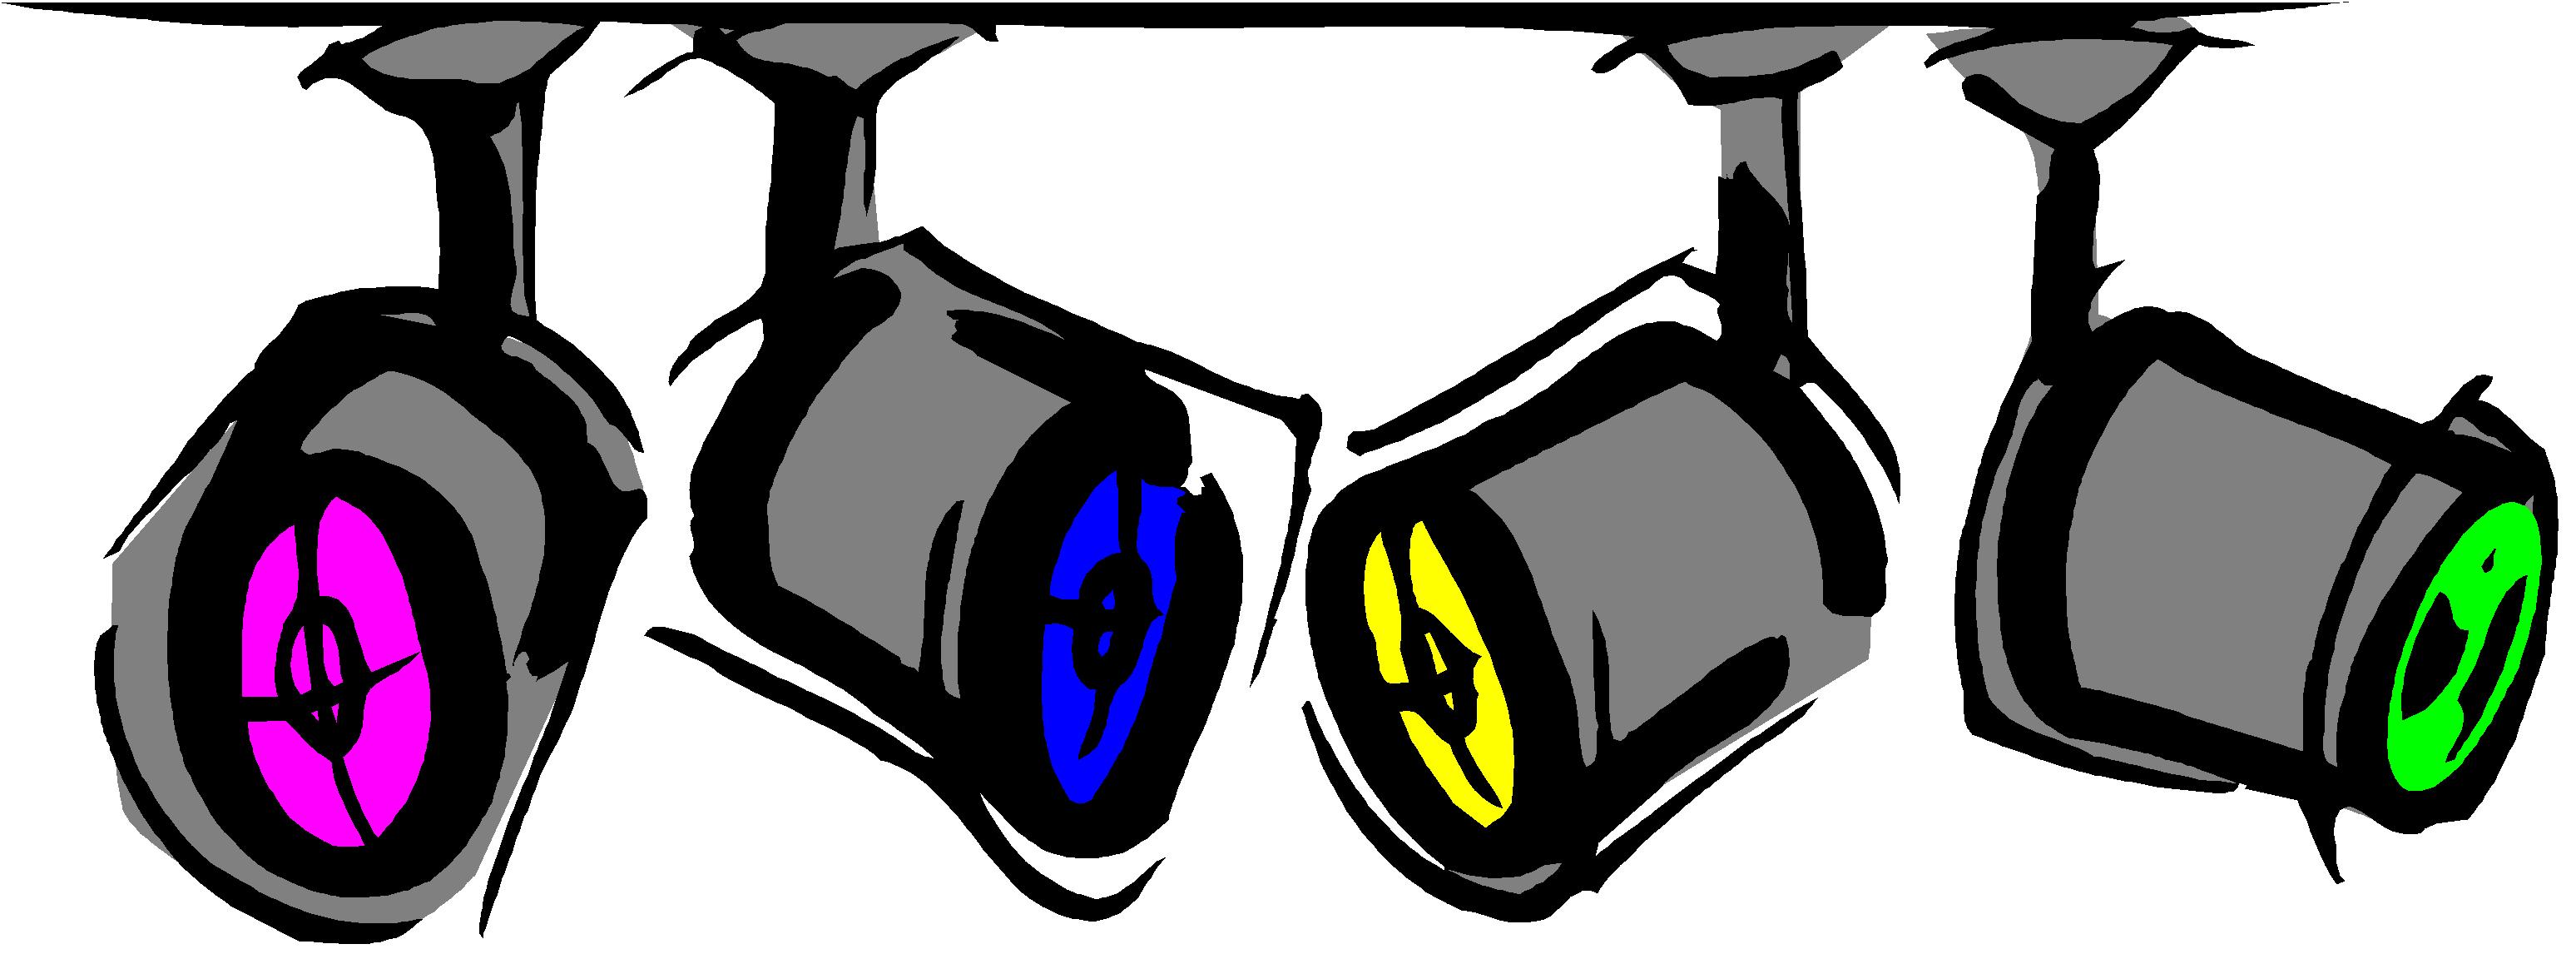 3096x1146 Spotlight Clipart 2